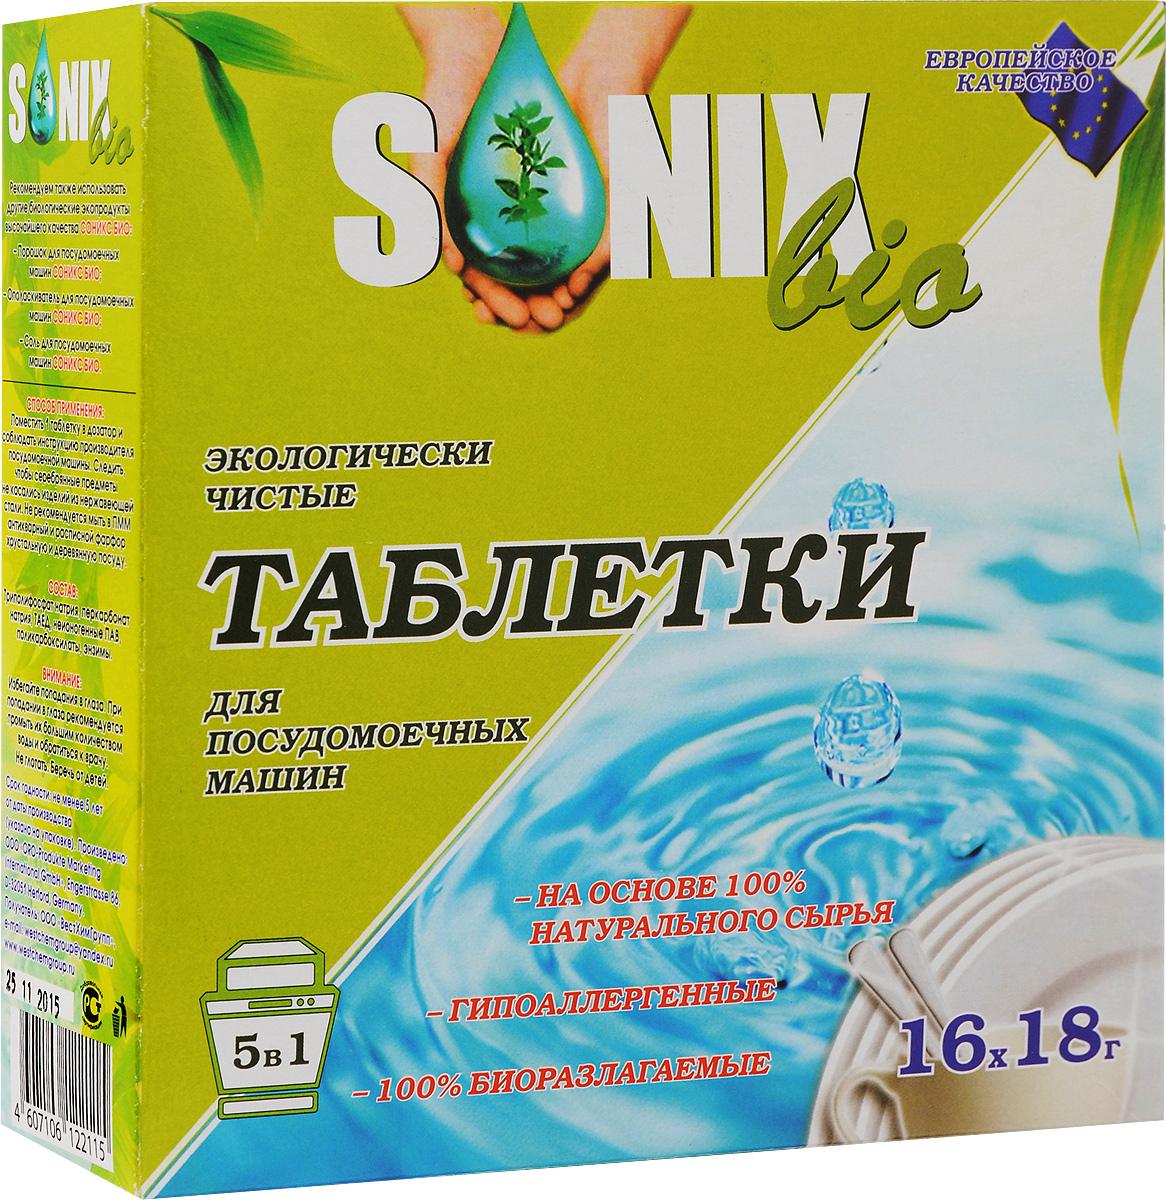 Таблетки для посудомоечных машин SonixBio 5 в 1, 16 шт х 18 г10503Таблетки SonixBio 5 в 1 способны к биологическому разложению. Упаковка подлежит переработке во вторичное сырье. Таблетки предназначены для мытья посуды в посудомоечных машинах любого типа и производителя. Благодаря кислороду и тщательно подобранным 100% натуральным активным компонентам, таблетки основательно, но в то же время деликатно, не повреждая посуду и рисунок на ней, растворяют любые, даже самые стойкие загрязнения и остатки пищи. Очищают тщательно и эффективно с помощью веществ, не наносящих вреда человеку и окружающей среде.Состав: триполифосфат натрия, перкарбонат натрия, ТАЕД, неионогенные ПАВ, поликарбоксилаты, энзимы.Вес одной таблетки: 18 г.Товар сертифицирован.